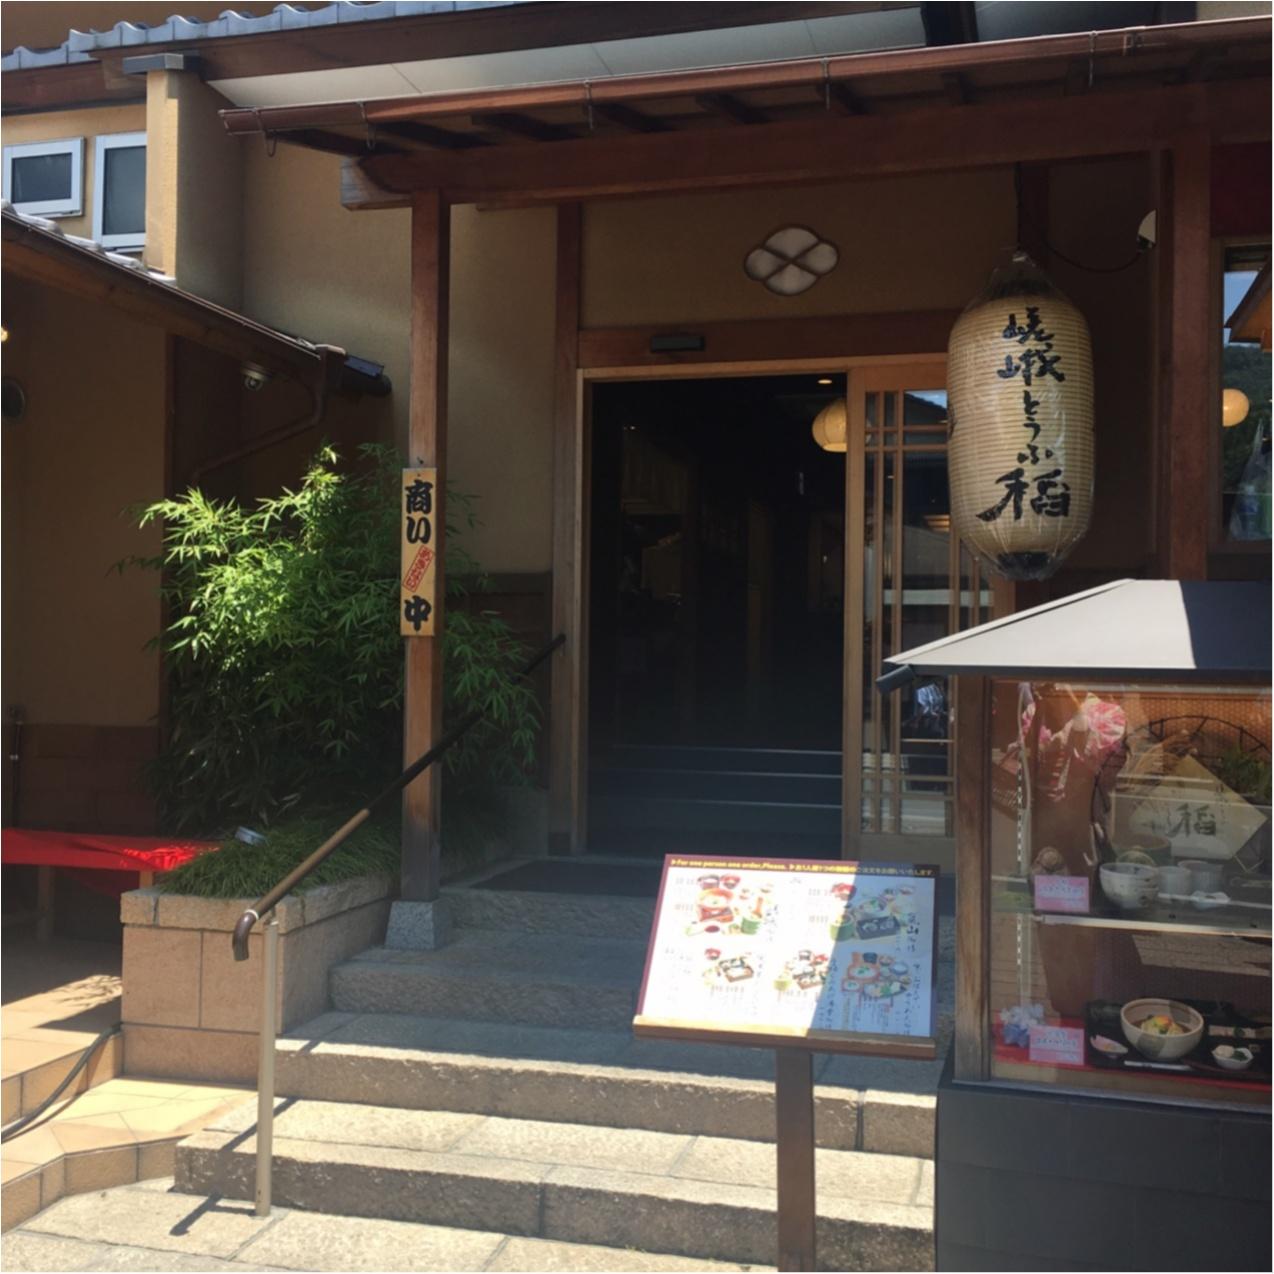 お豆腐好きな女子必見♪ 京都で美味しい豆腐料理が食べられるお店♡_1